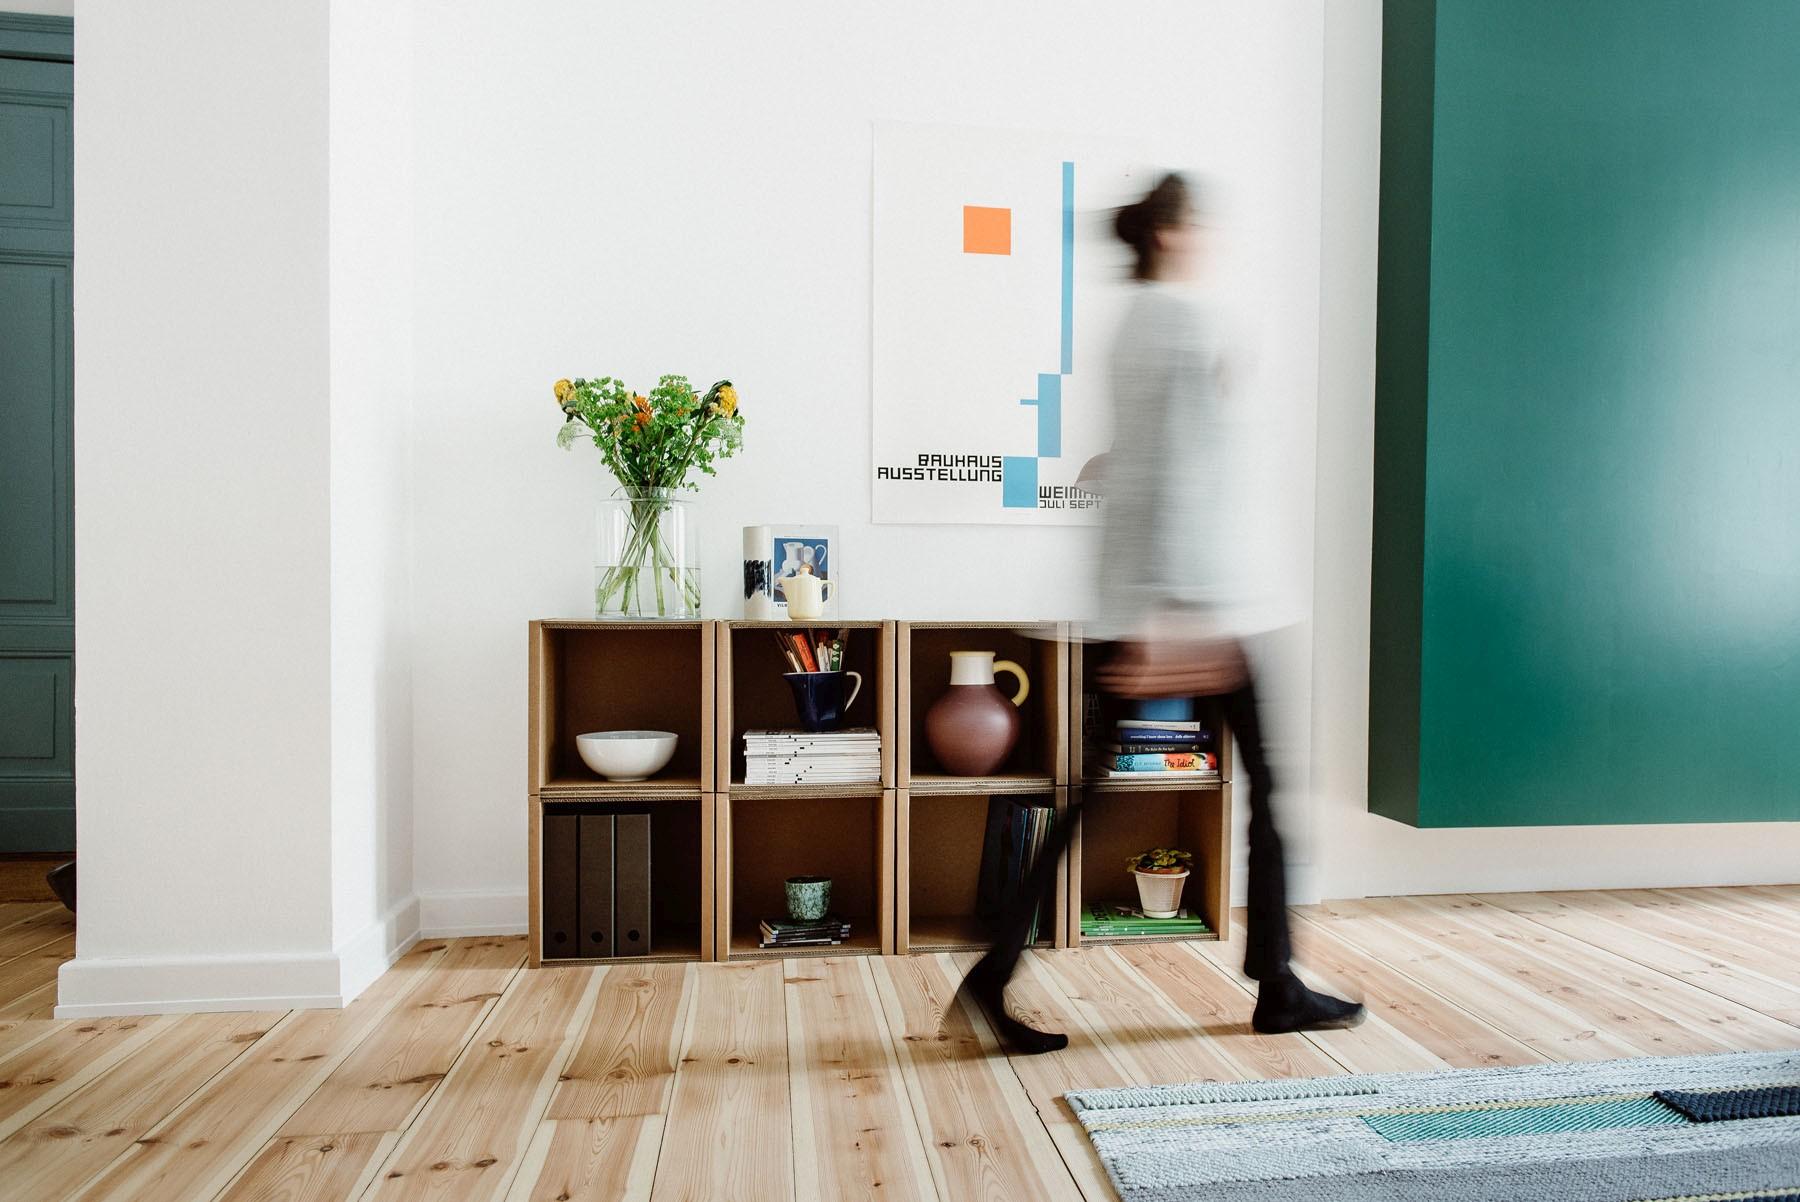 Full Size of Pappbett Ikea Room In A Bomodulare Regale Aus Wellpappe Betten Bei Sofa Mit Schlaffunktion Modulküche Miniküche Küche Kosten 160x200 Kaufen Wohnzimmer Pappbett Ikea